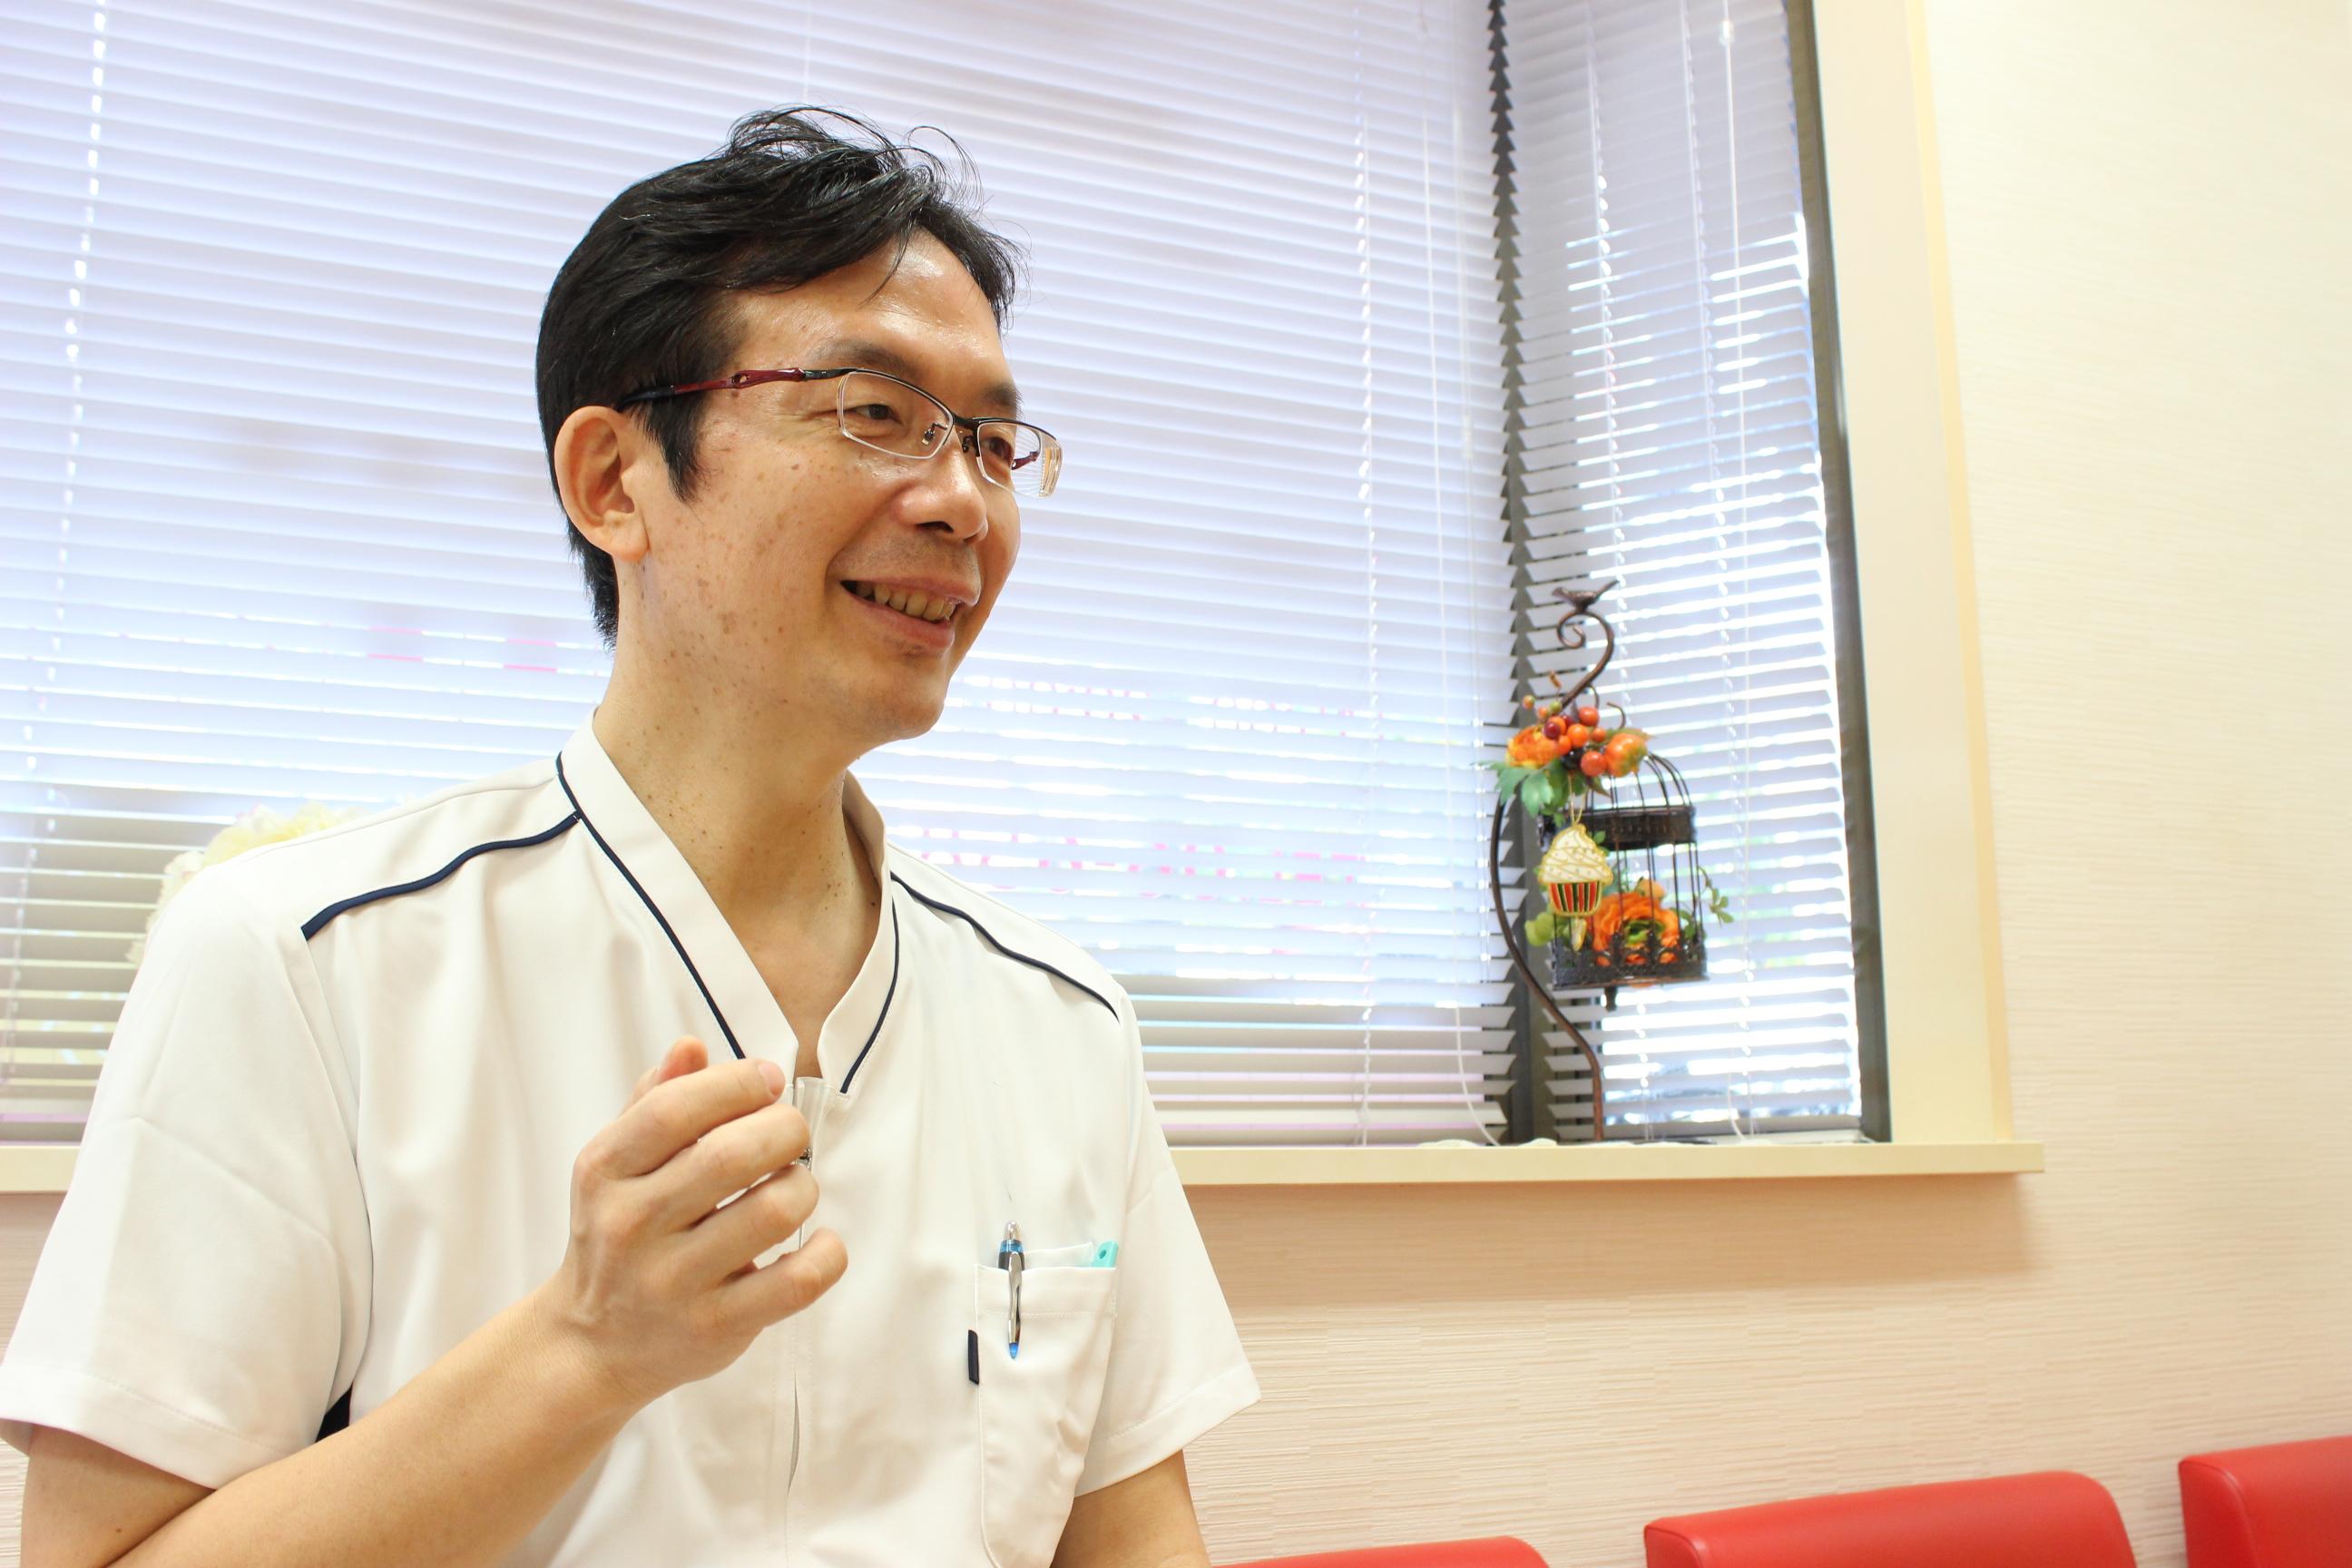 なみよけ歯科医院 院長の写真